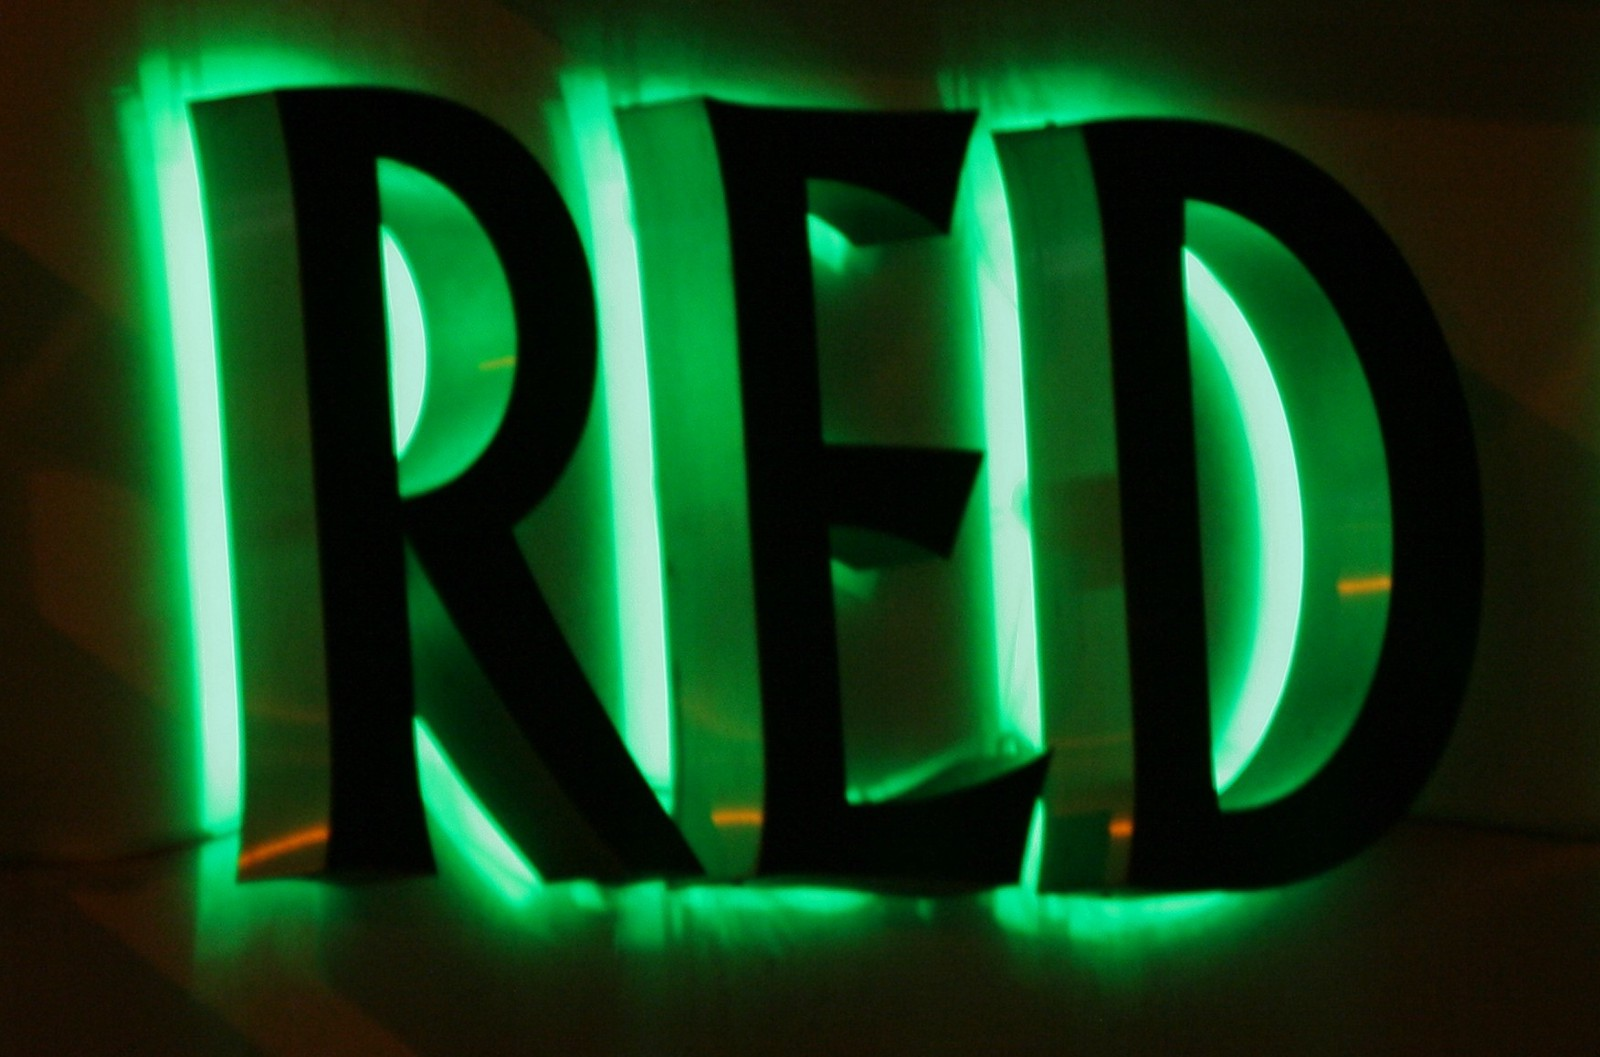 Foto da palavra red em destaque e luz neon verde no contorno de cada letra.